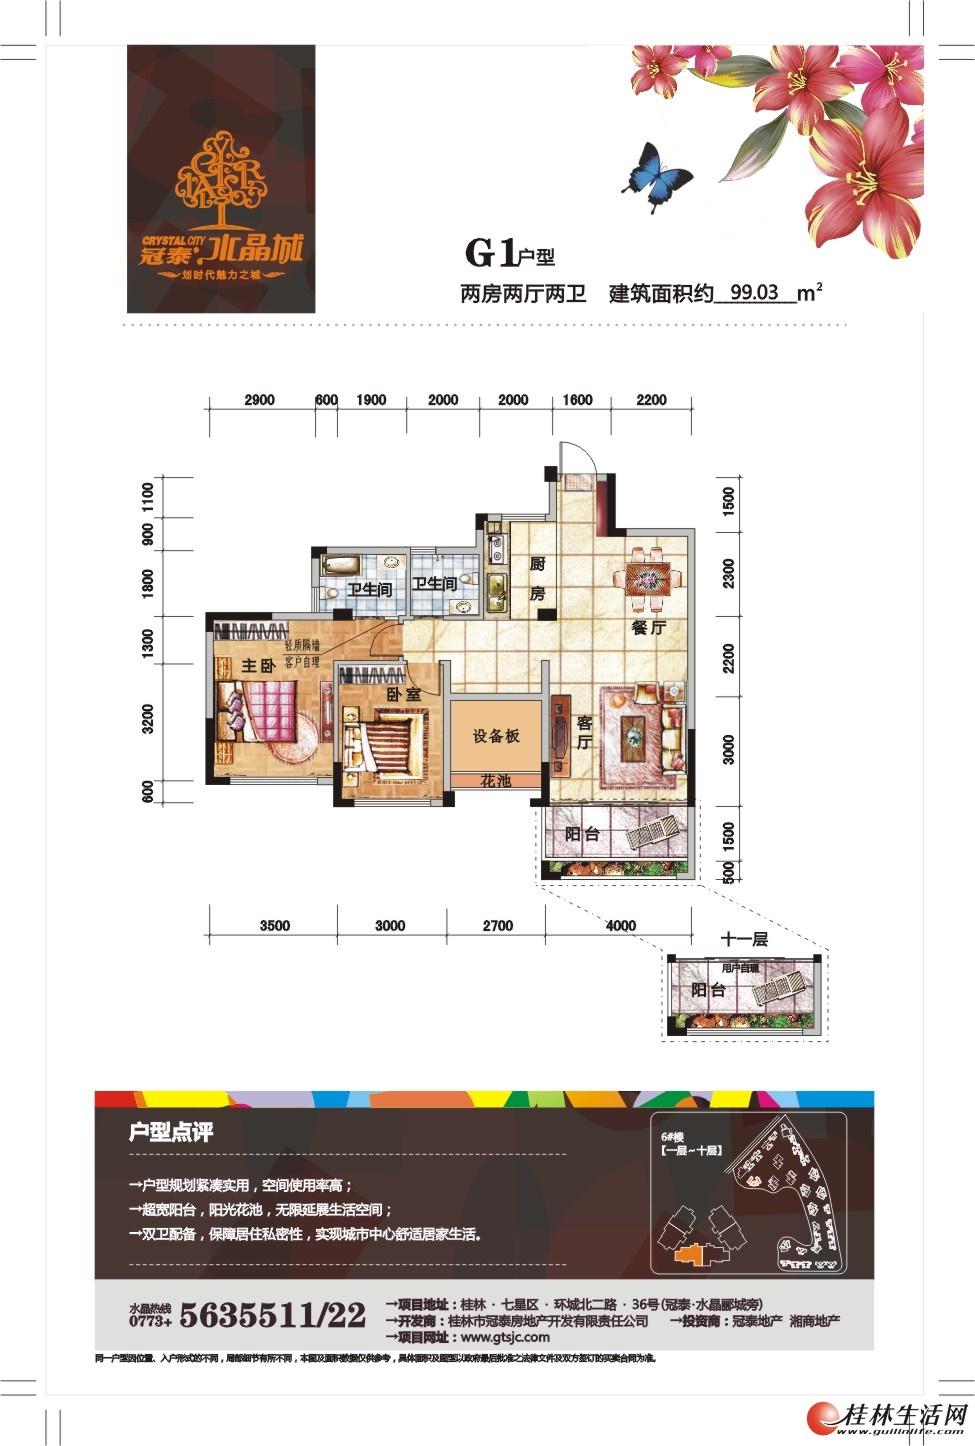 6、16#楼 G1户型 两房两厅两卫 99.03㎡